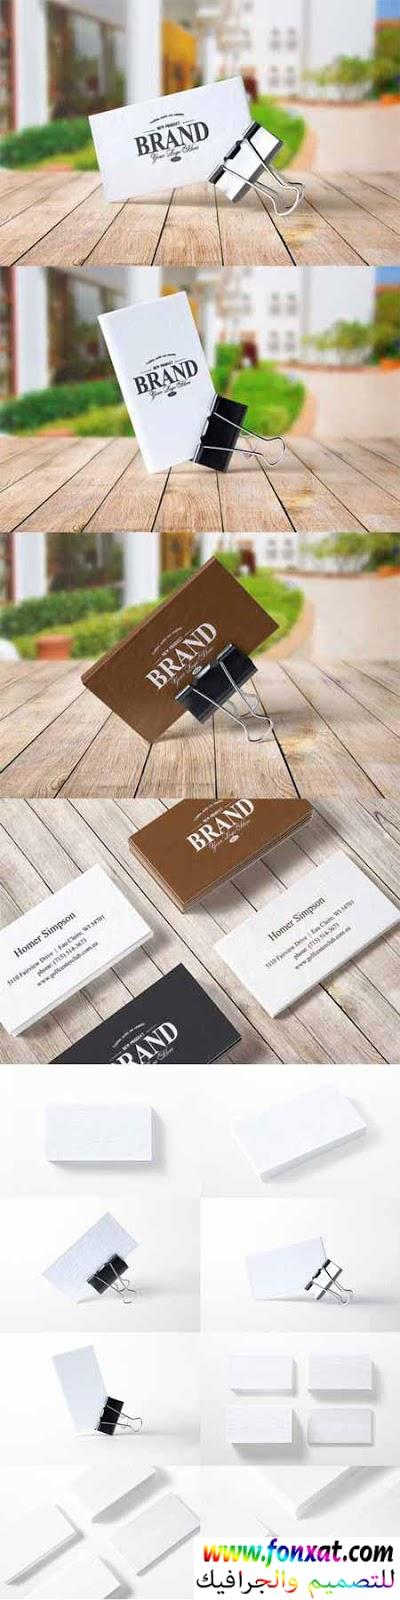 مجموعة جديدة من الموك اب لعروض الاعمال business card mock up